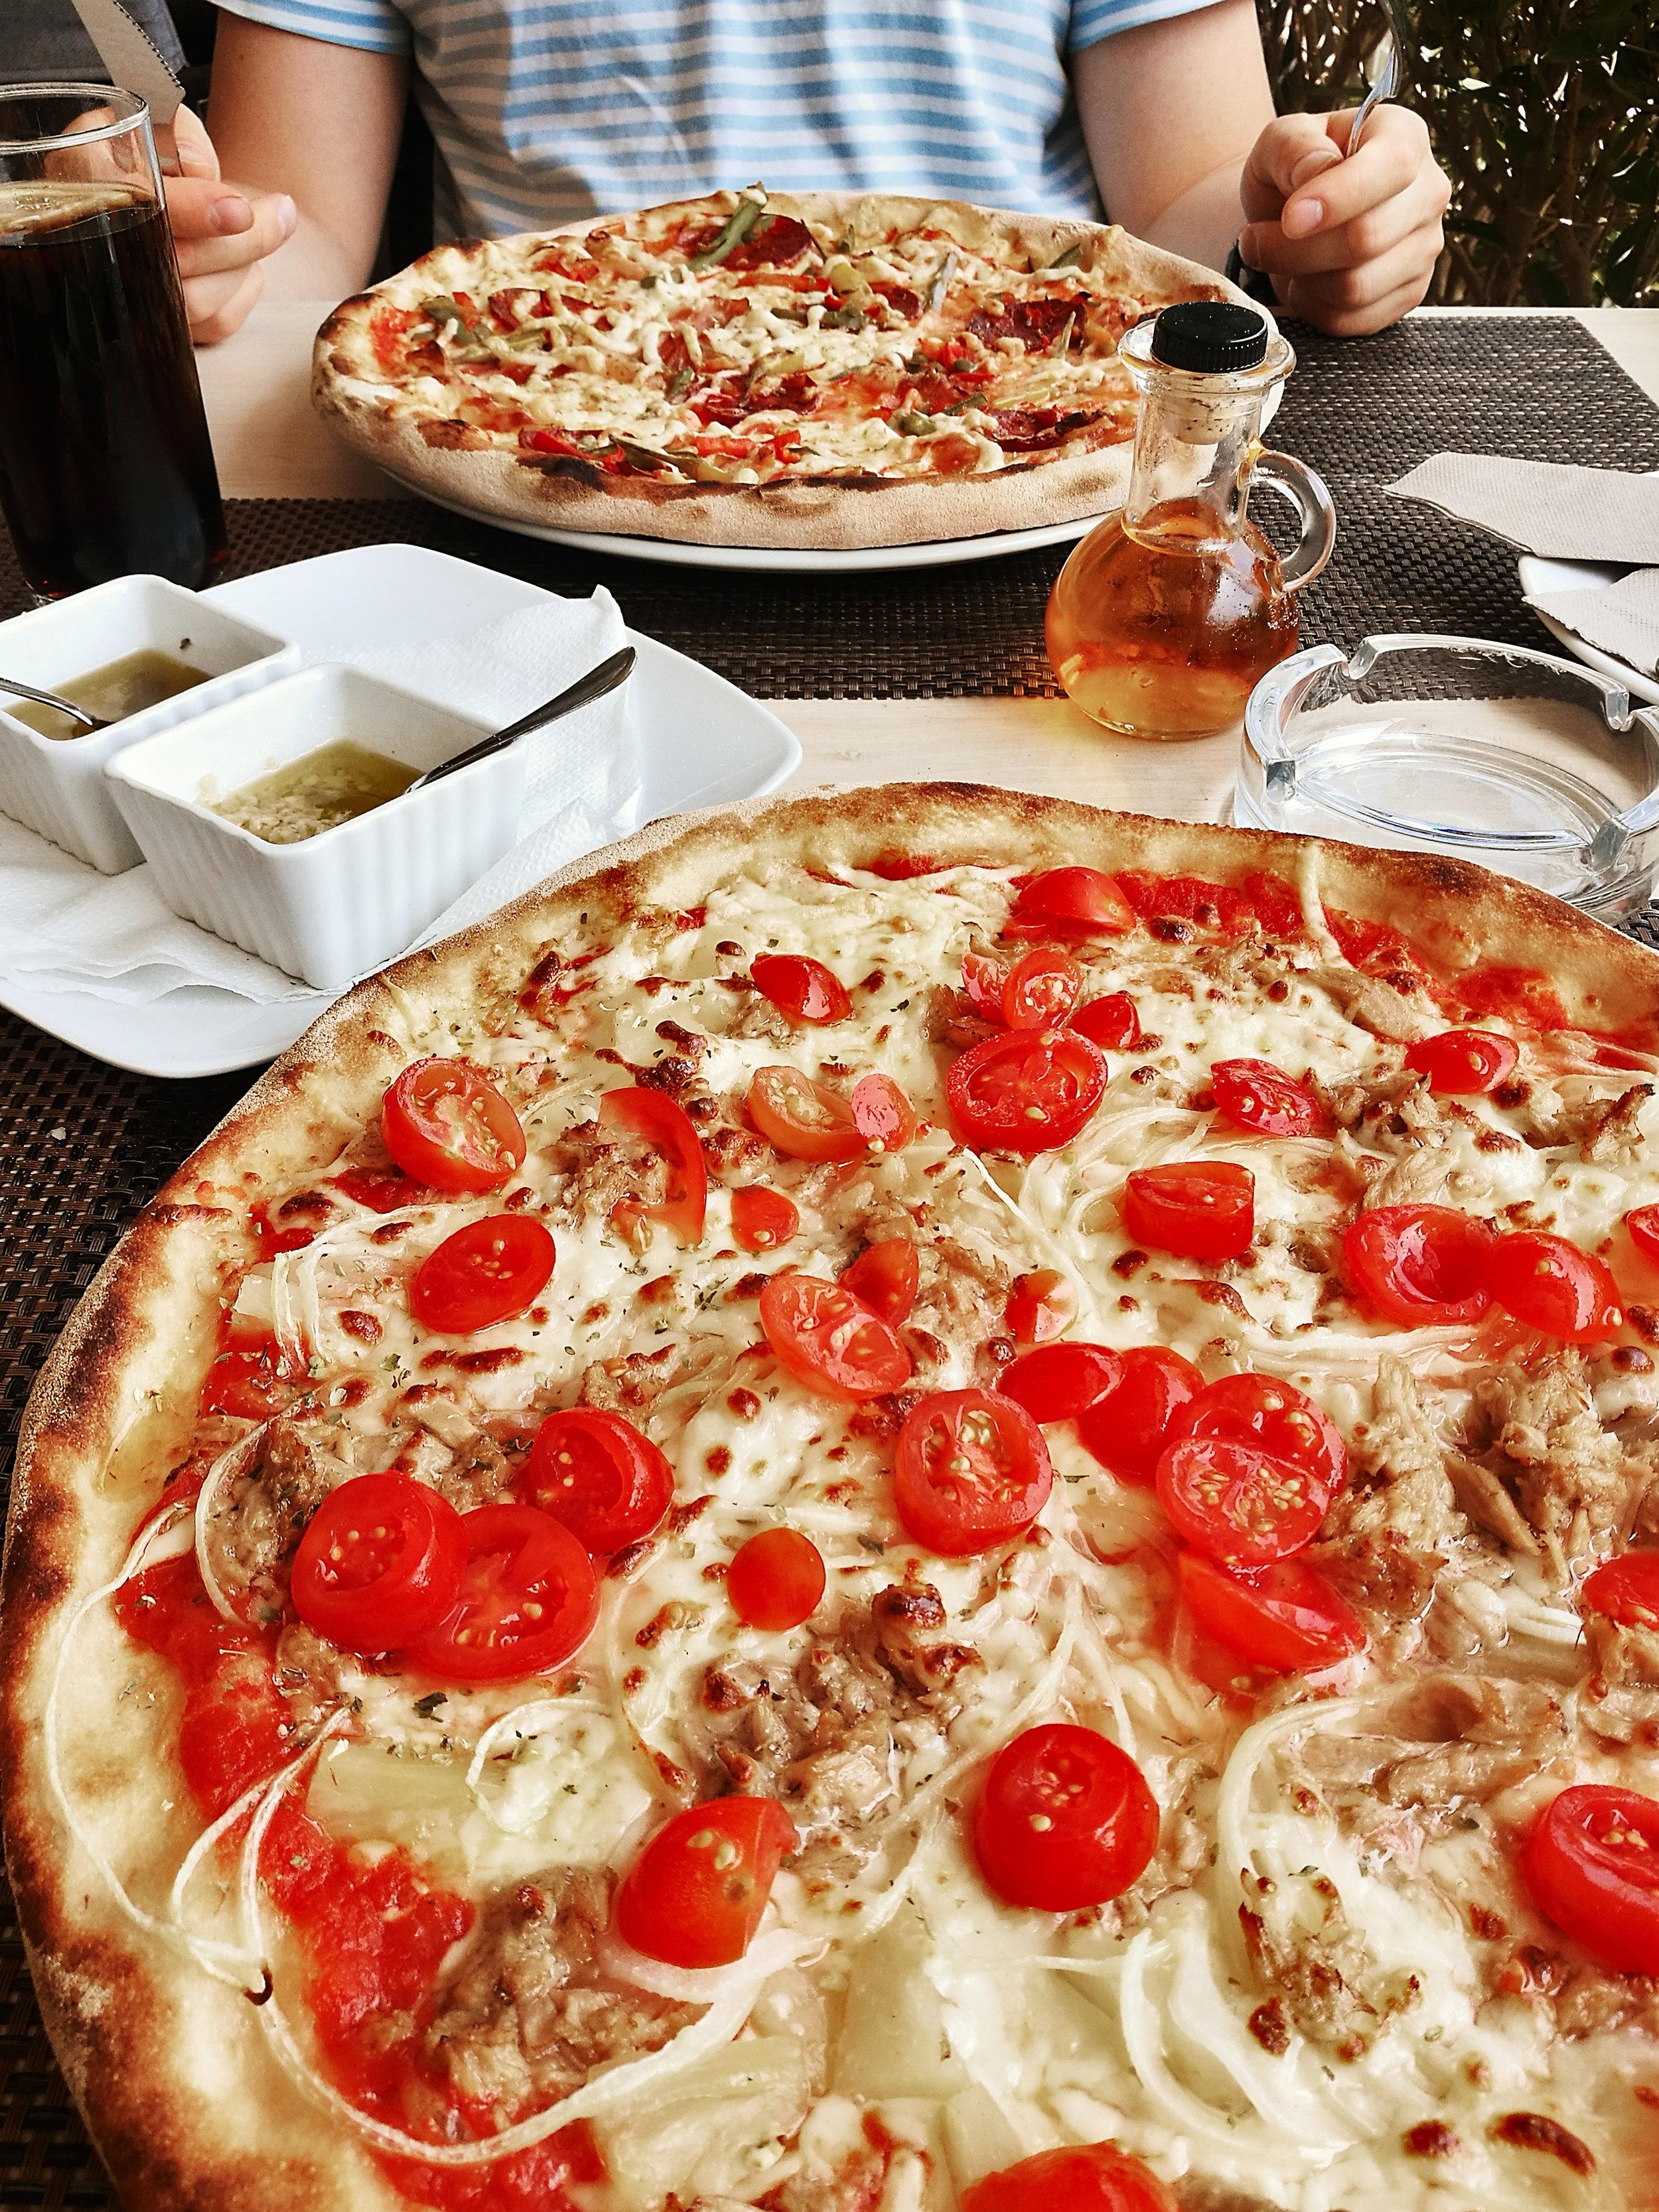 pula-kroatia-pizza-ravintola-ruokaa-mona-kajander-matkablogi.jpg